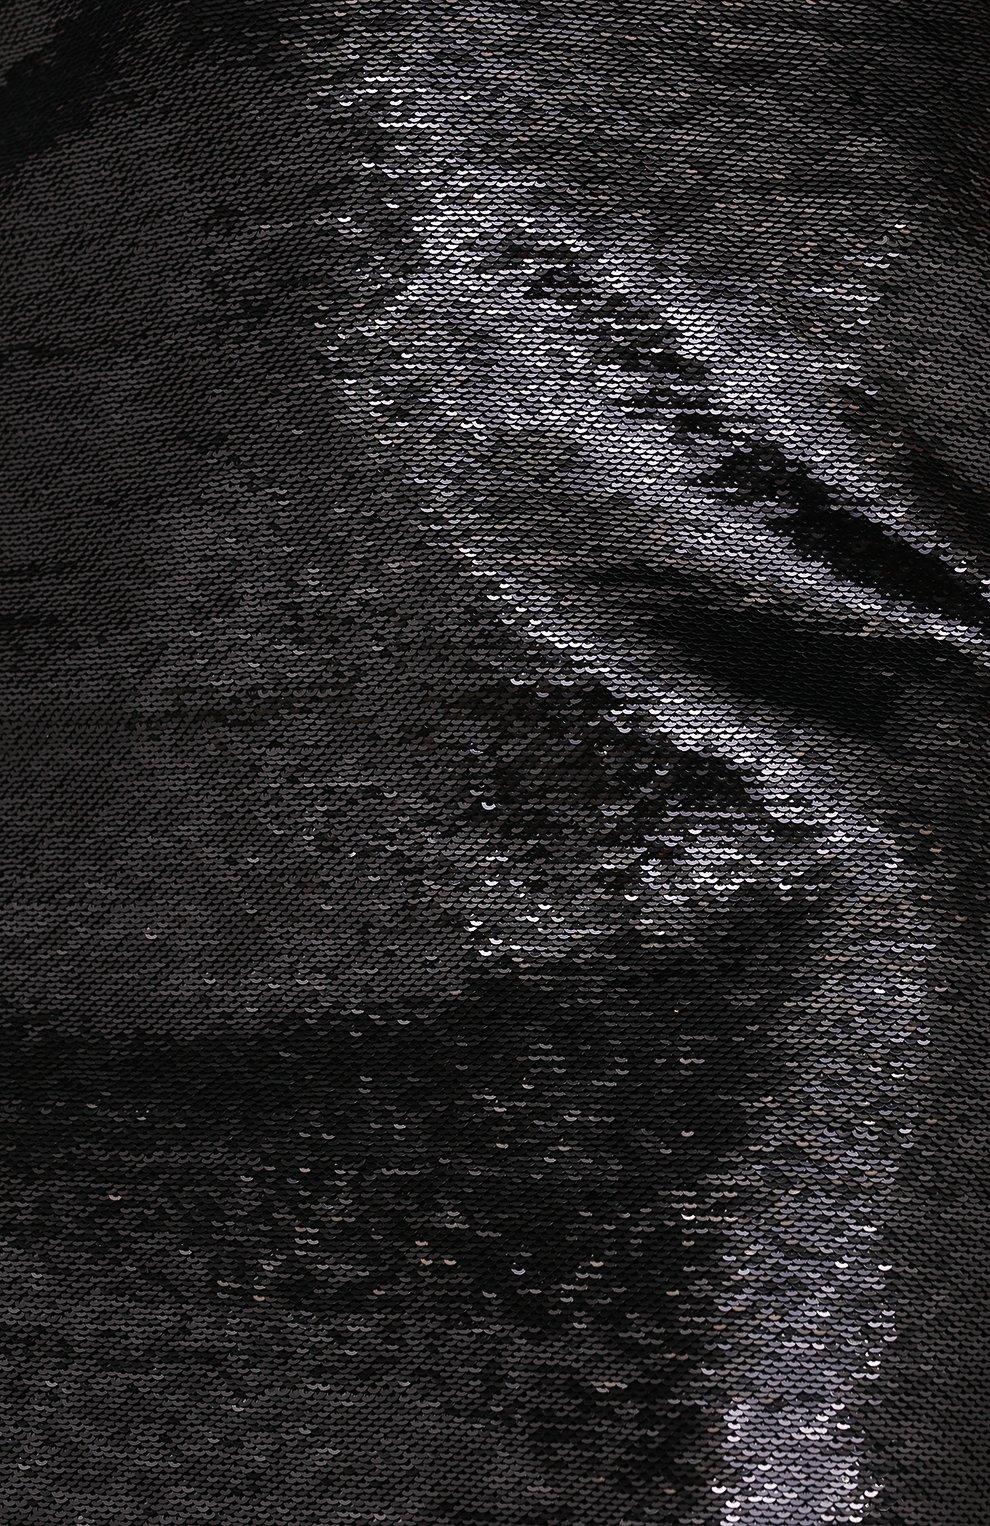 Женская юбка ZUHAIR MURAD черного цвета, арт. SKP20311/EMSE004 | Фото 5 (Женское Кросс-КТ: Юбка-карандаш, Юбка-одежда; Материал внешний: Синтетический материал; Длина Ж (юбки, платья, шорты): Миди; Стили: Романтичный; Материал подклада: Купро)